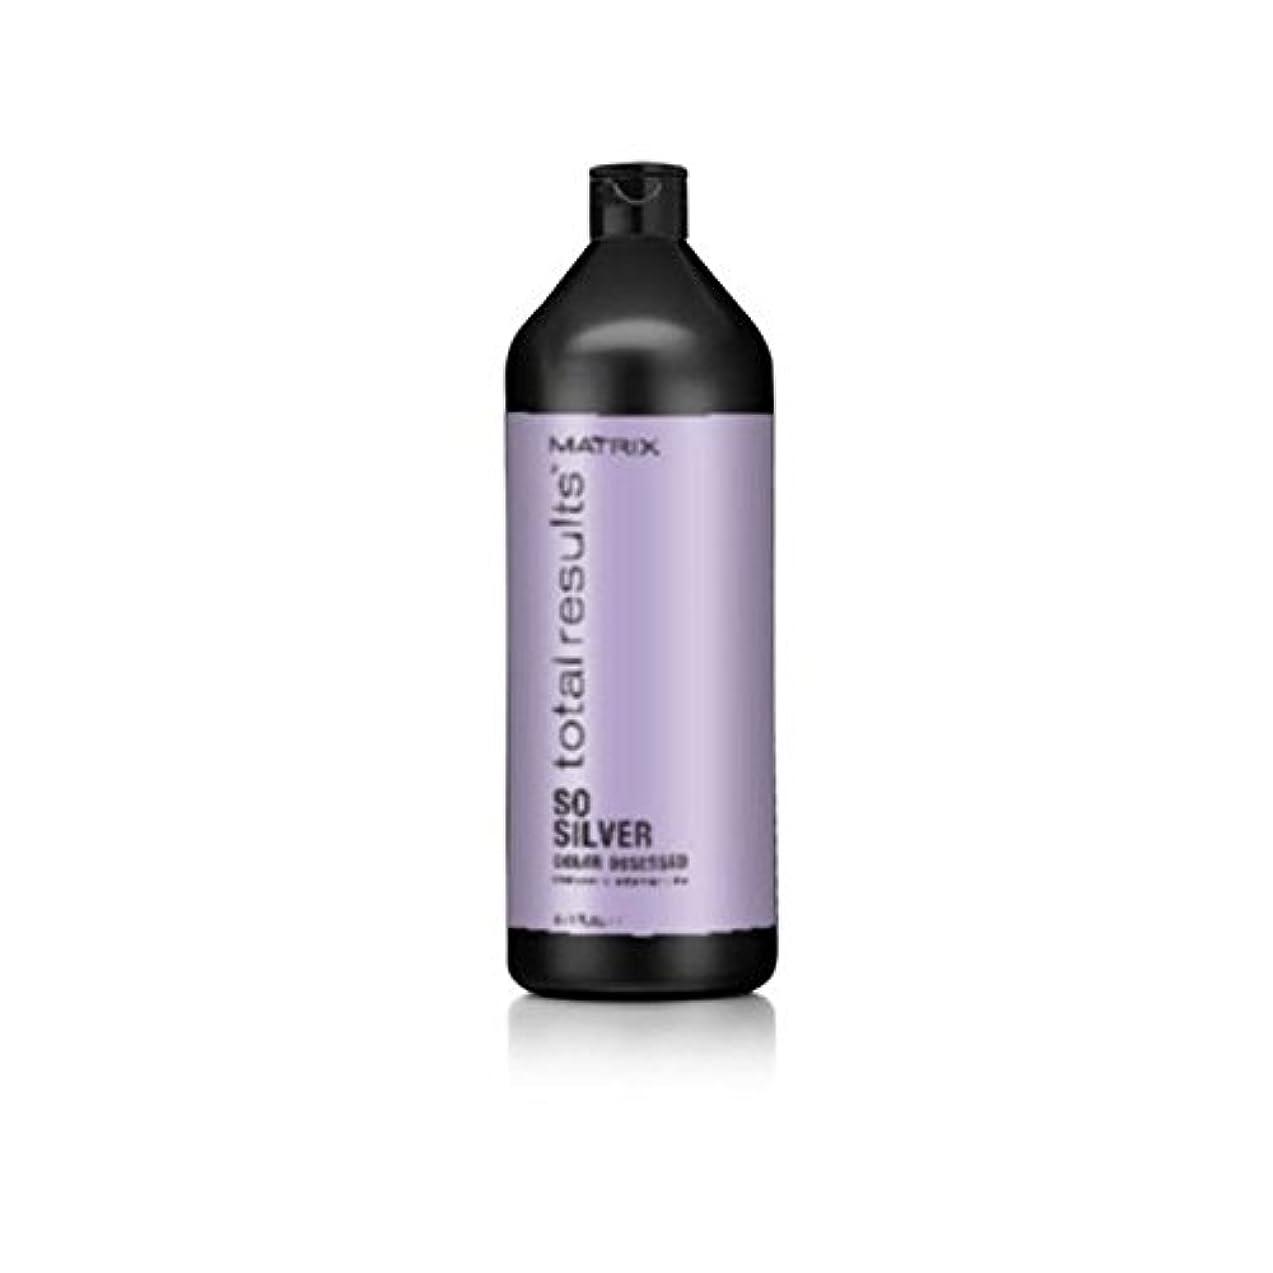 受け皿十代の若者たち休戦Matrix Total Results Color Obsessed So Silver Shampoo (1000ml) - マトリックスの総結果色夢中そう銀シャンプー(千ミリリットル) [並行輸入品]